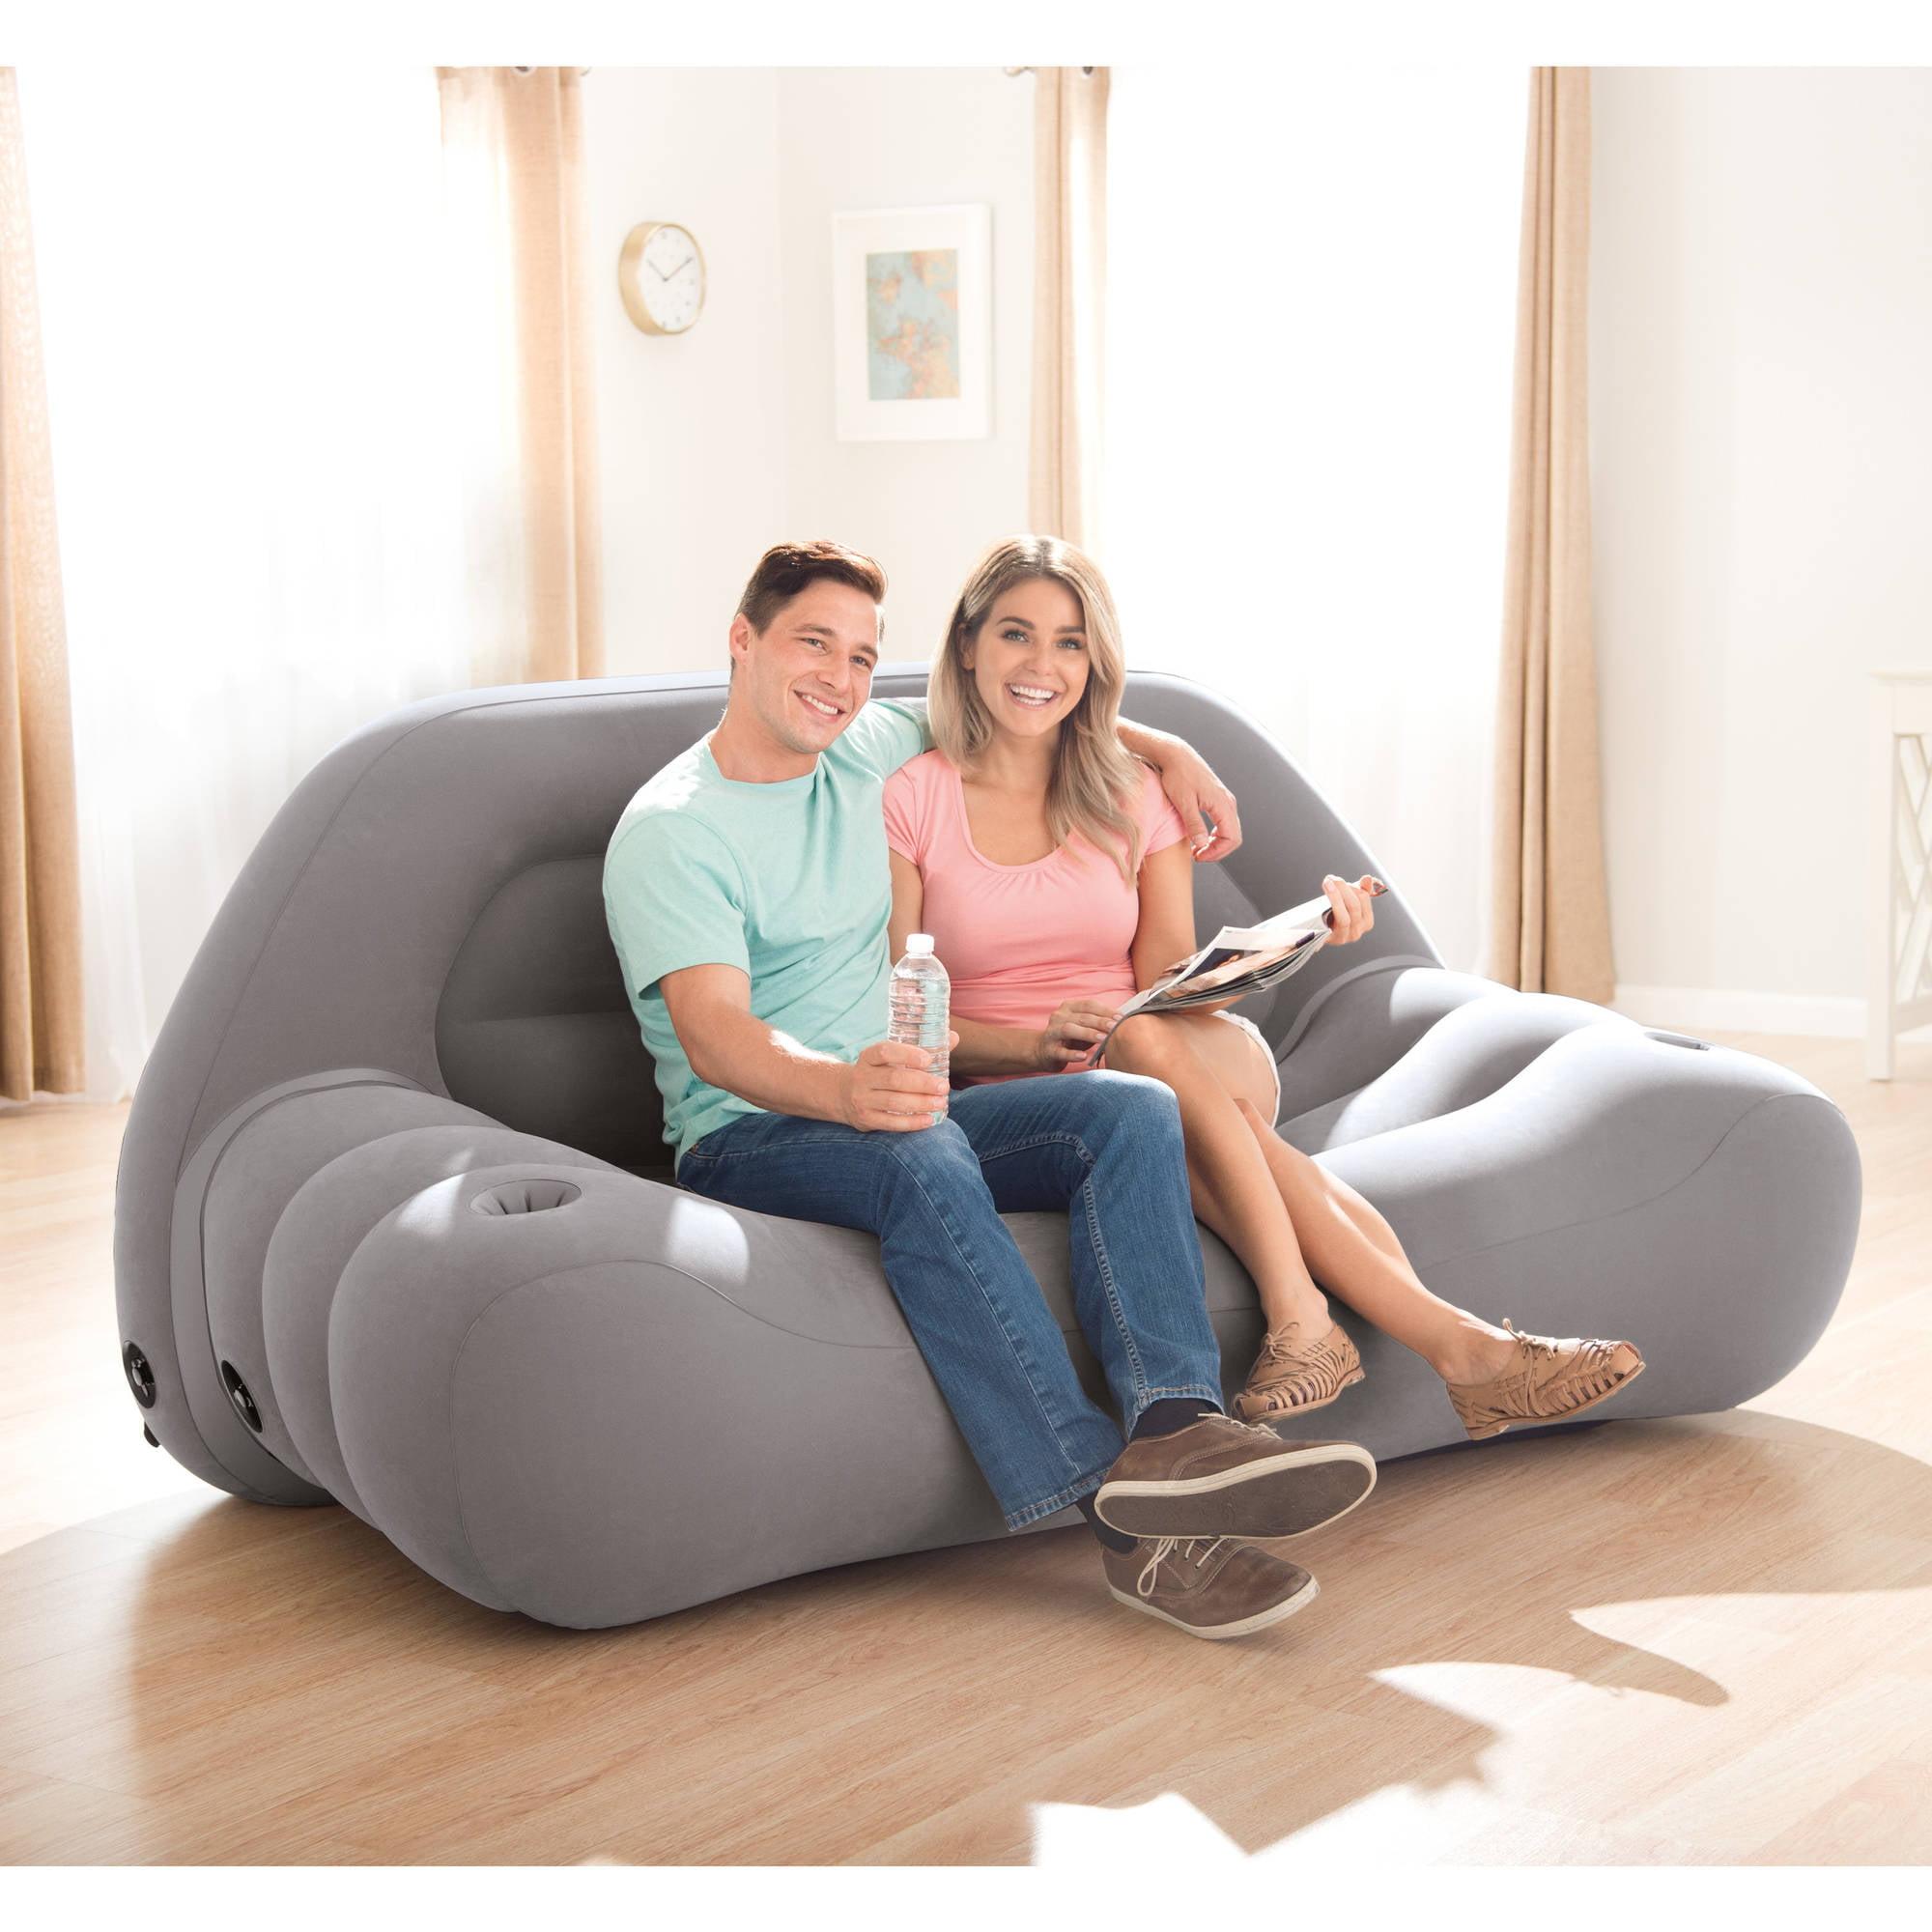 Intex Inflatable Camping Sofa 75 X 37 X 34 Walmart Com